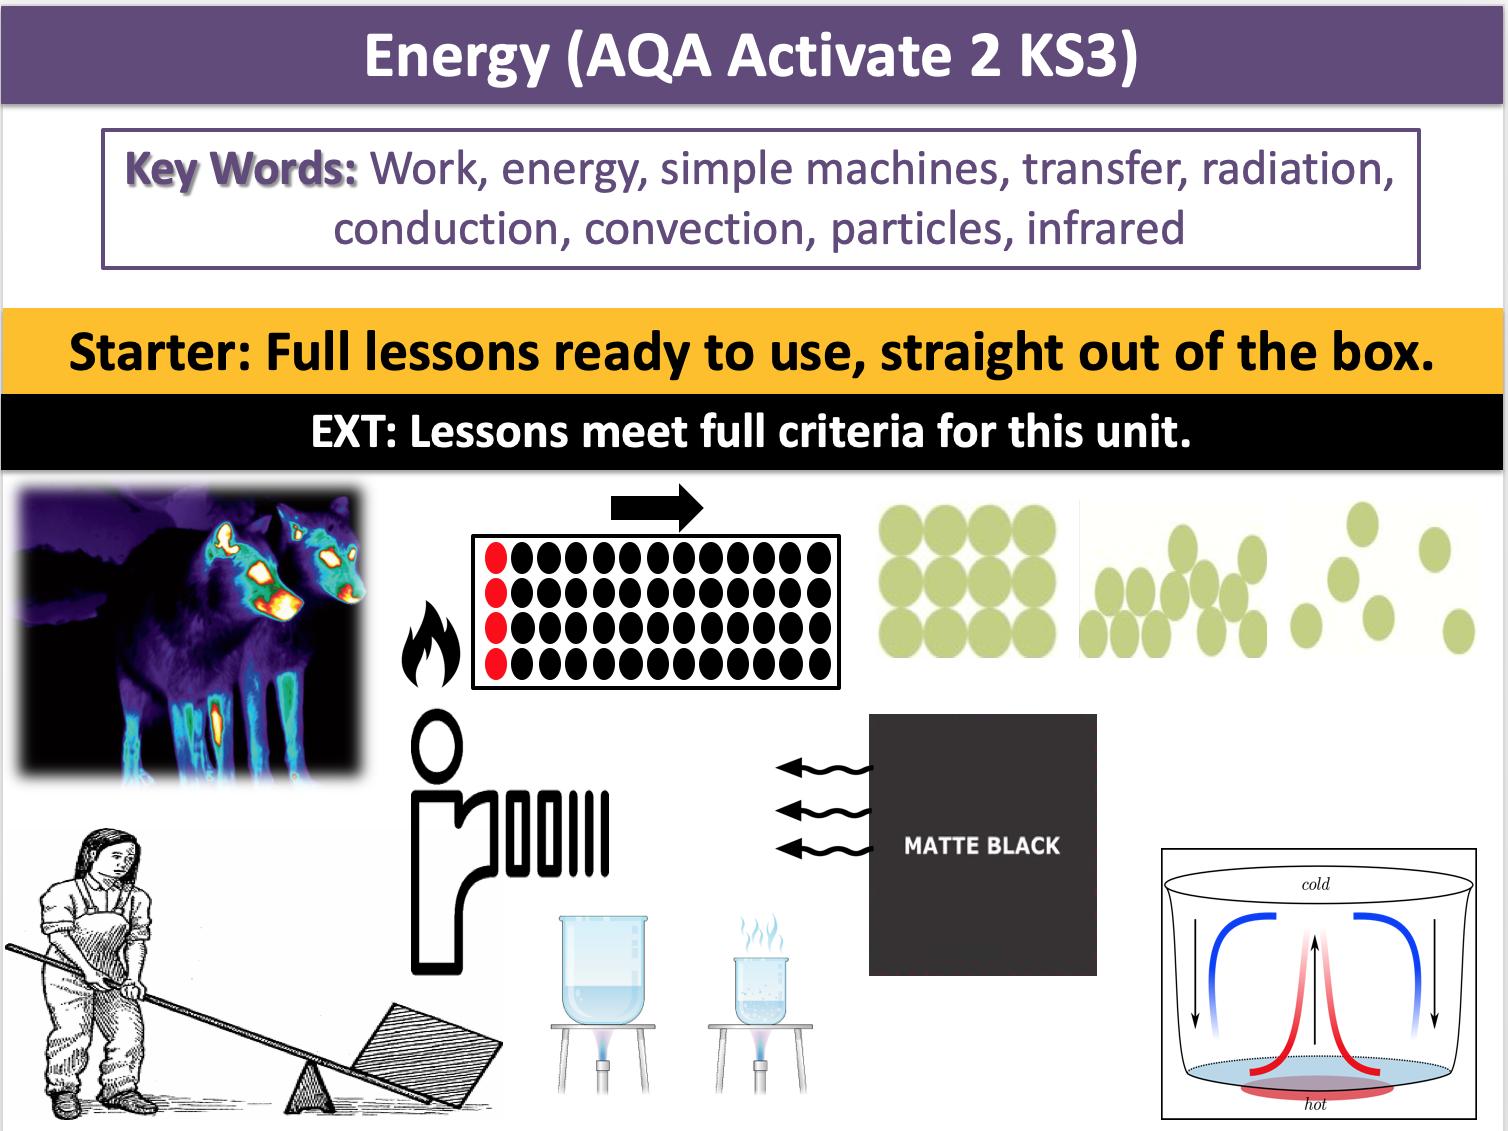 Energy (AQA Activate 2 KS3)